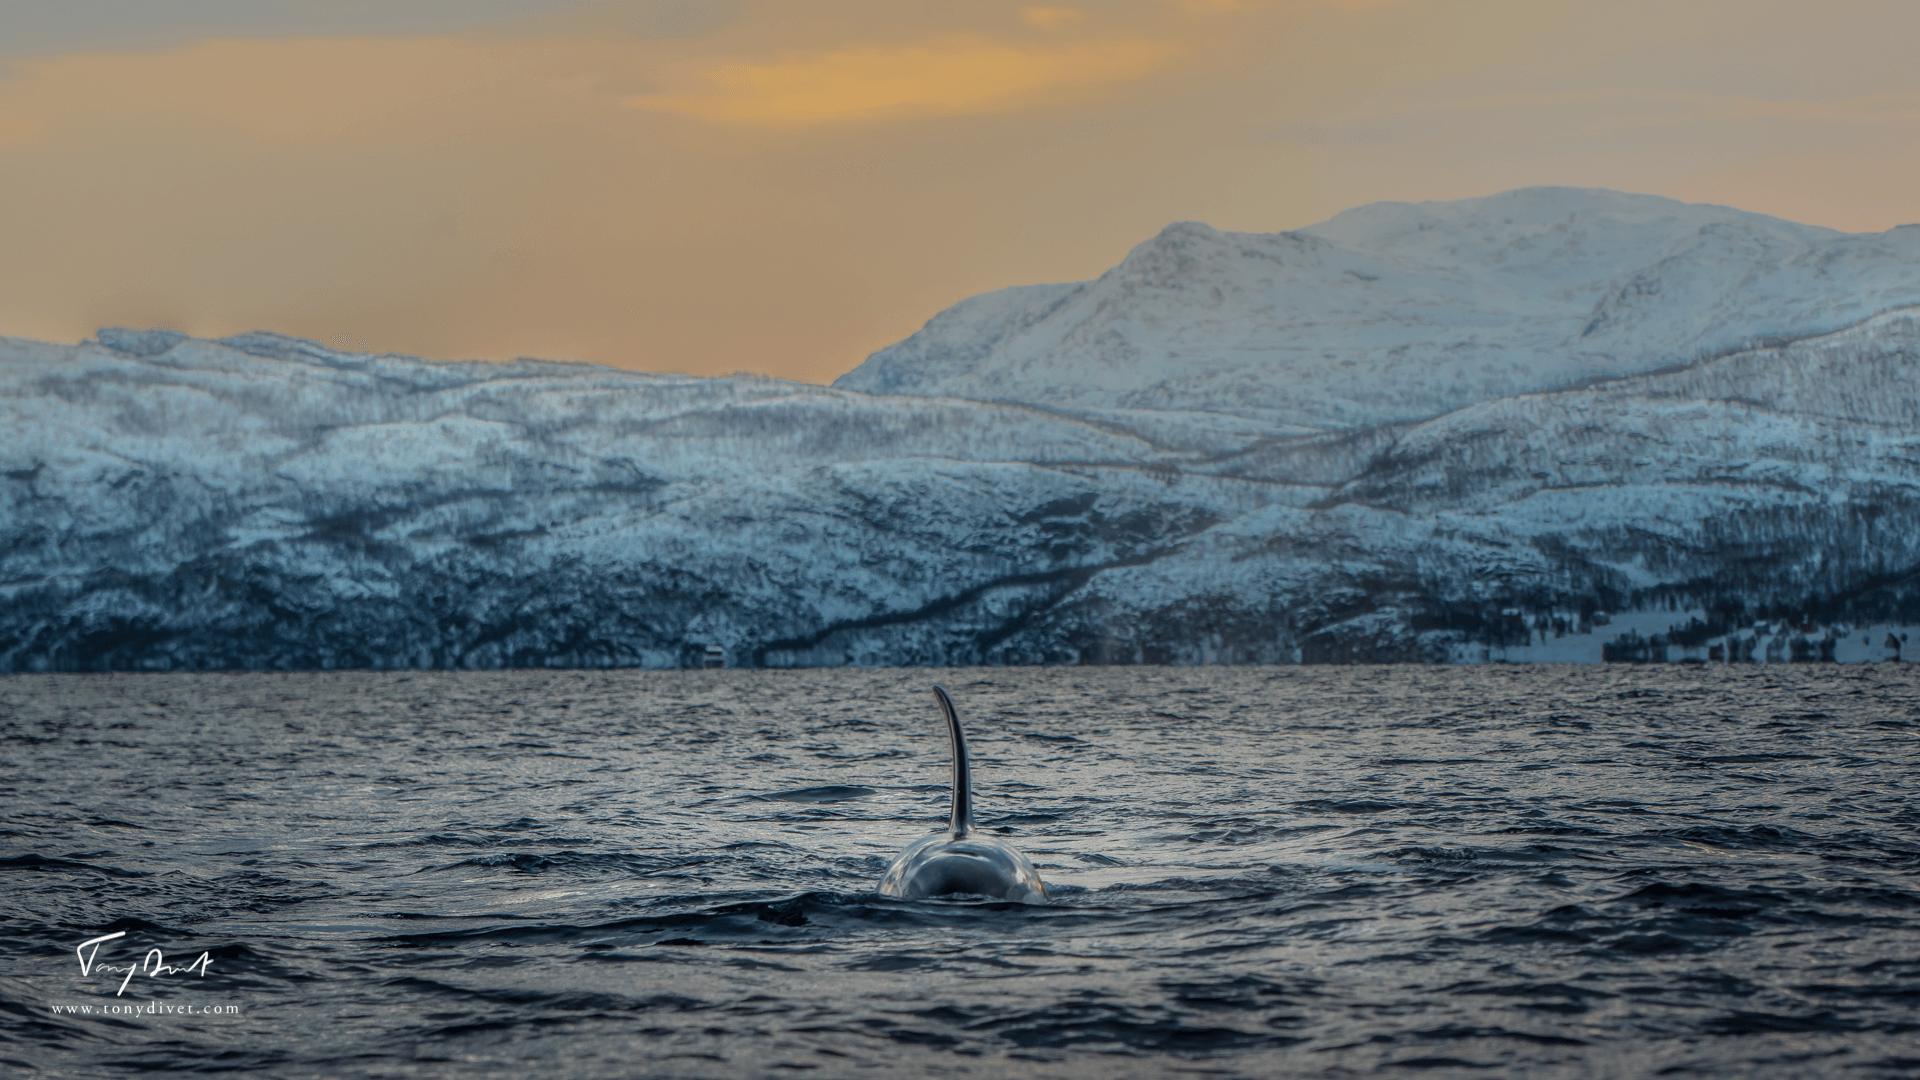 Orca-8048